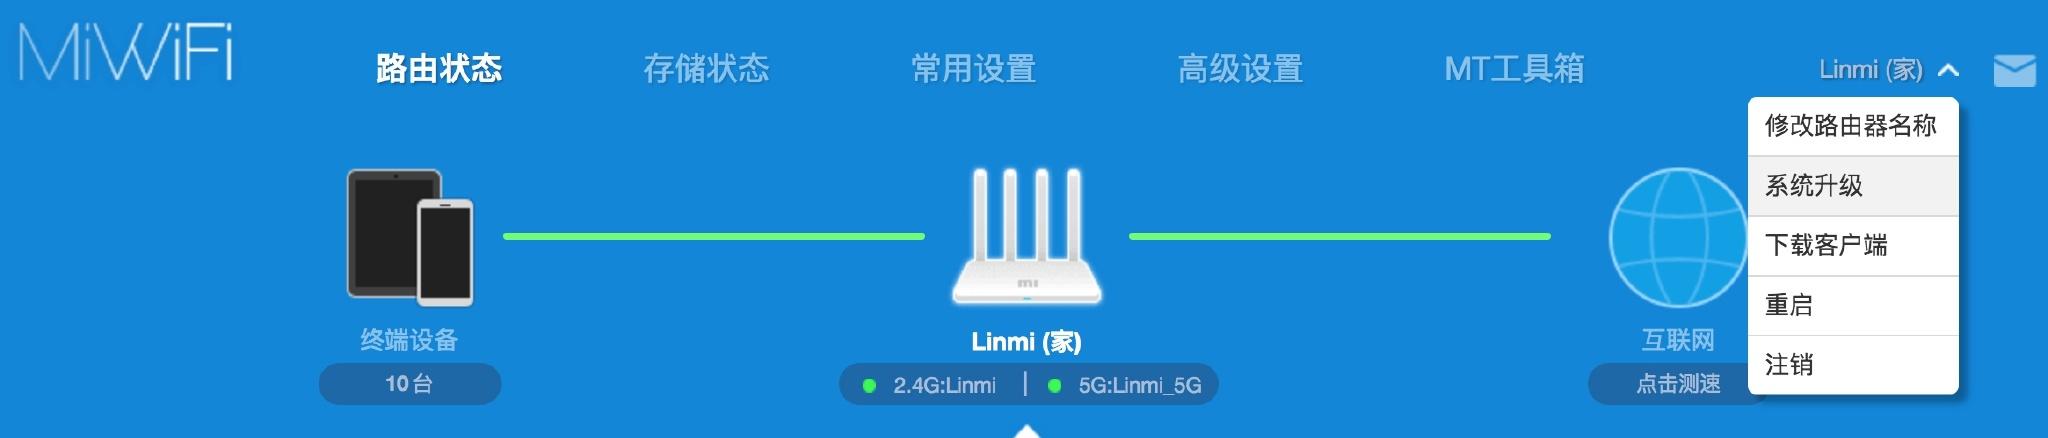 小米路由器 3 配置日志-Linmi